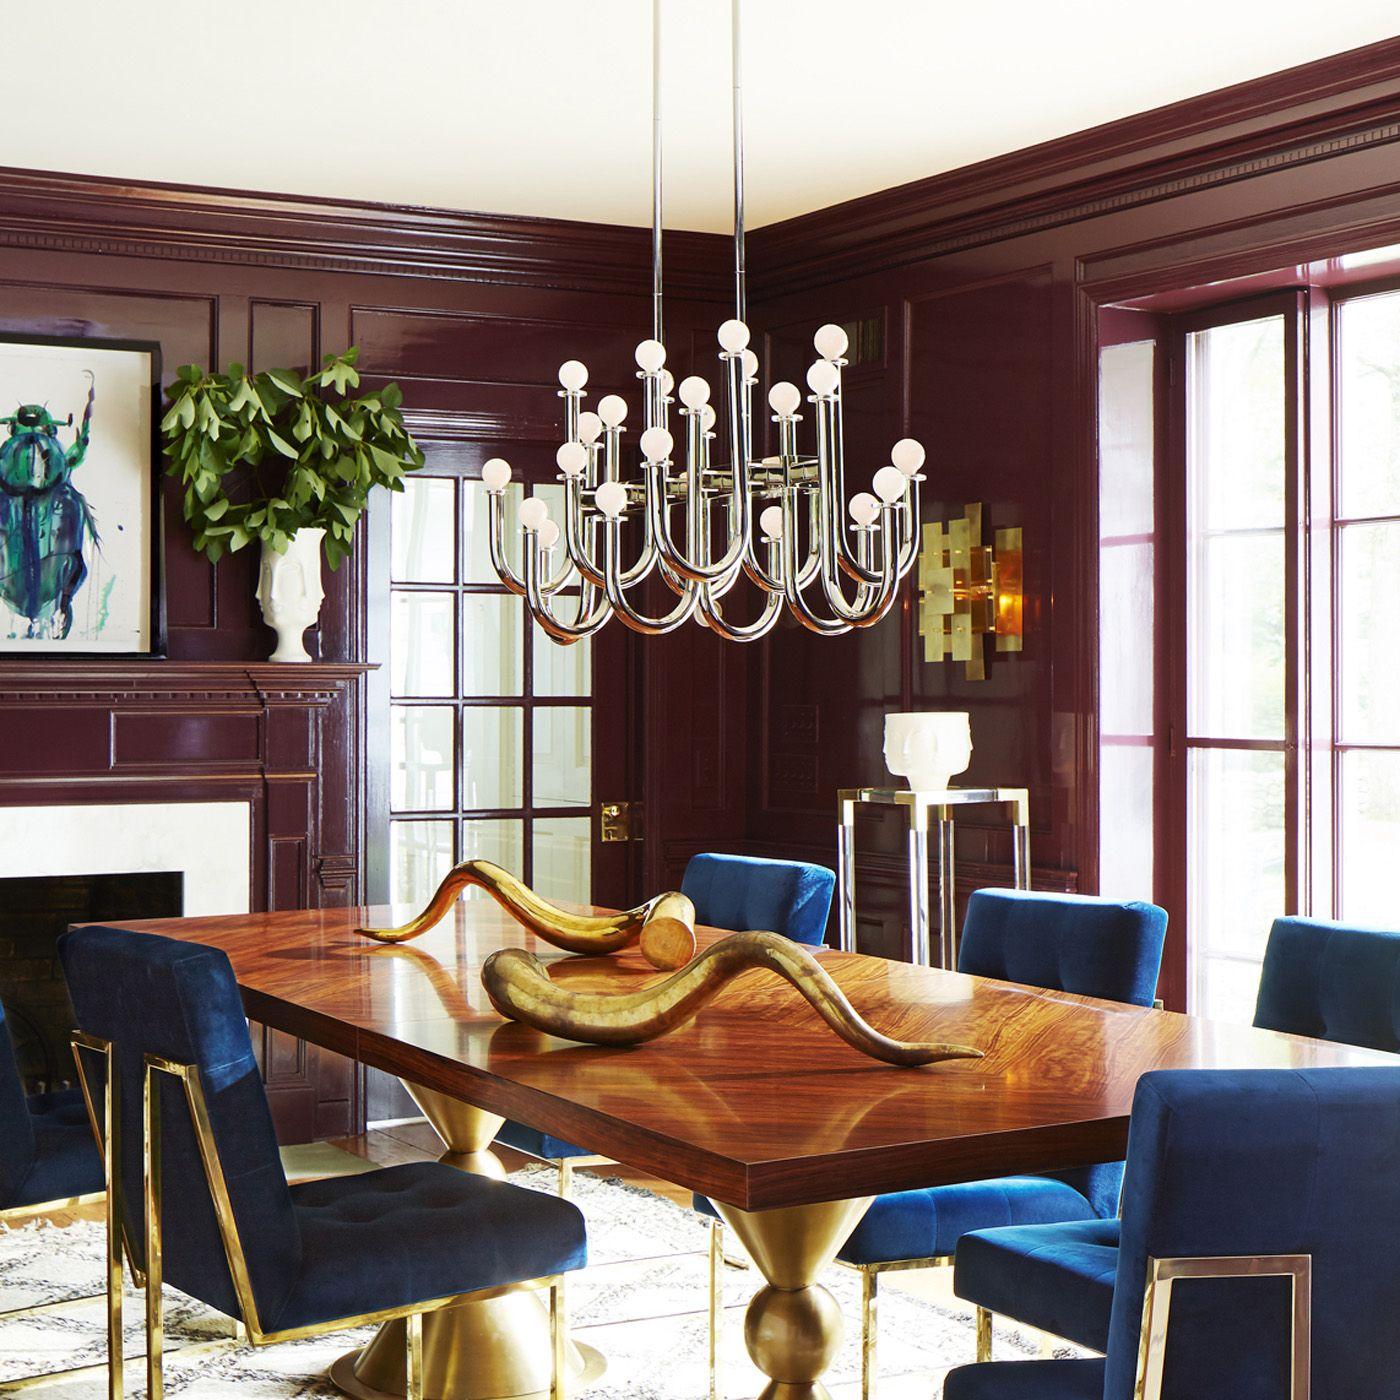 Jonathan Adler New Arrivals Modern Dining Table Dining Table Decor Mid Century Modern Dining Room Lighting